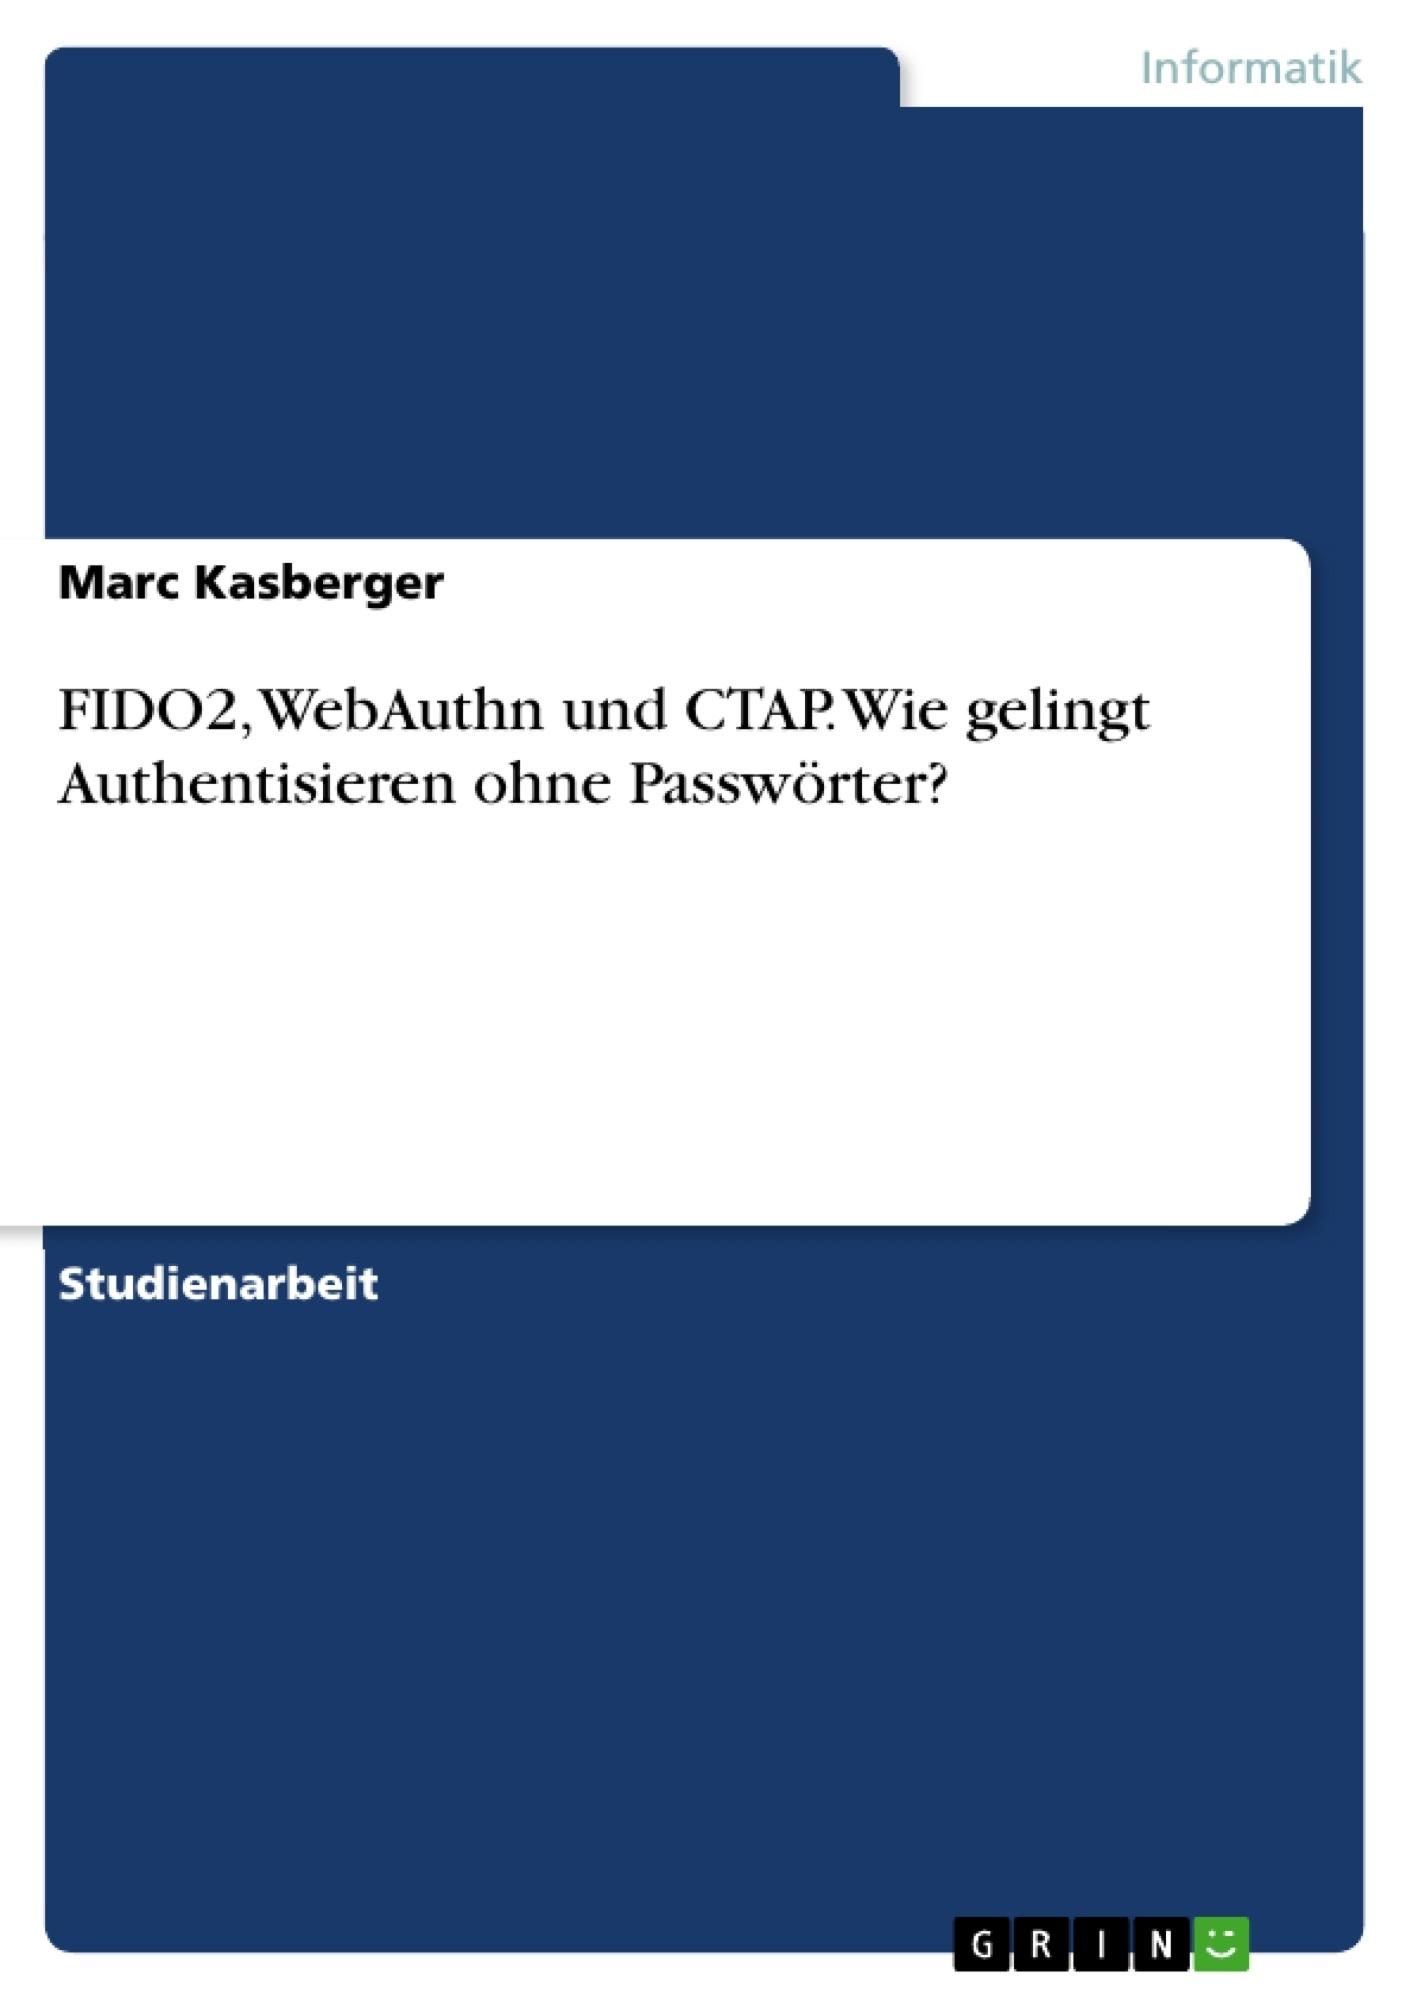 Titel: FIDO2, WebAuthn und CTAP. Wie gelingt Authentisieren ohne Passwörter?